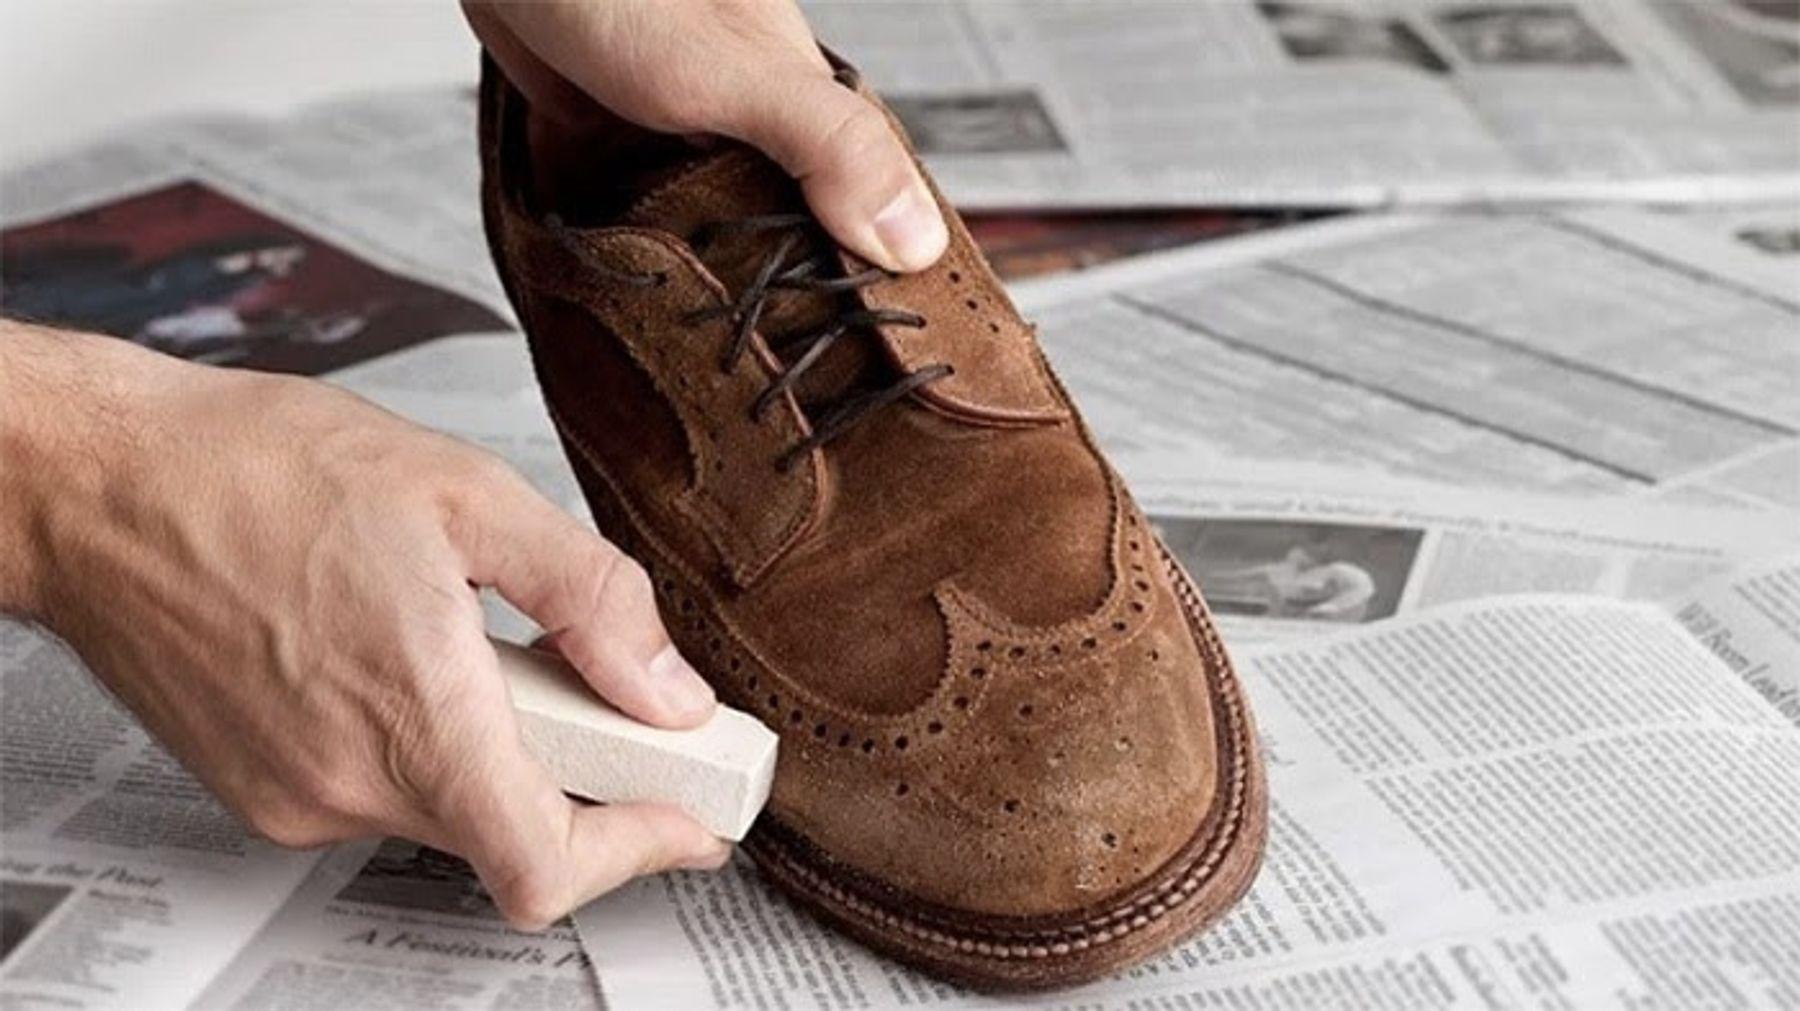 Làm mờ những vết xước trên giày da lộn bằng gôm tẩy